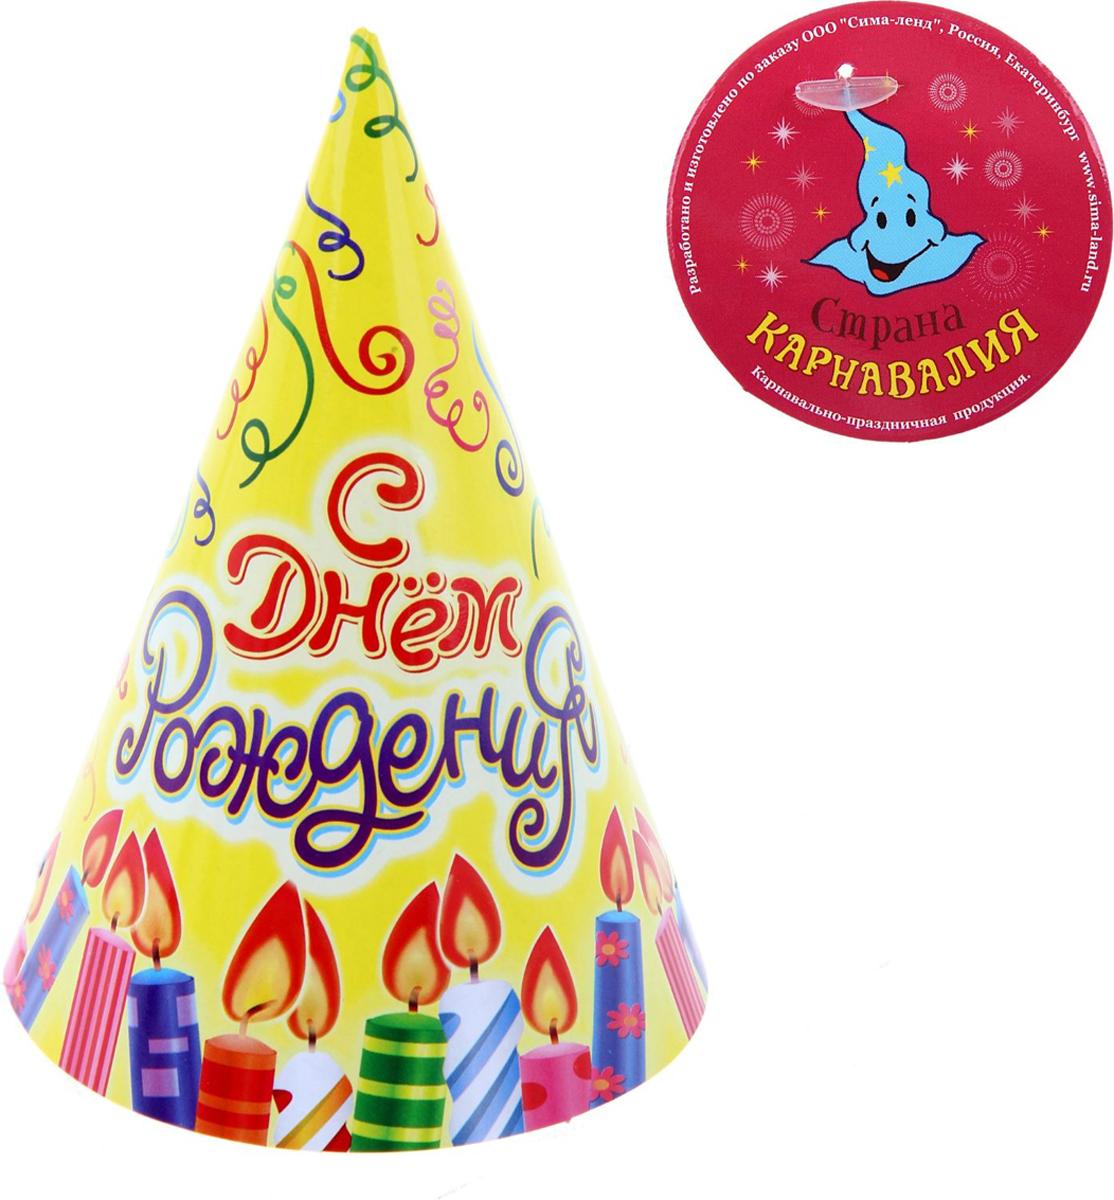 Страна Карнавалия Колпак бумажный С Днем Рождения свечи и серпантин 6 шт -  Колпаки и шляпы